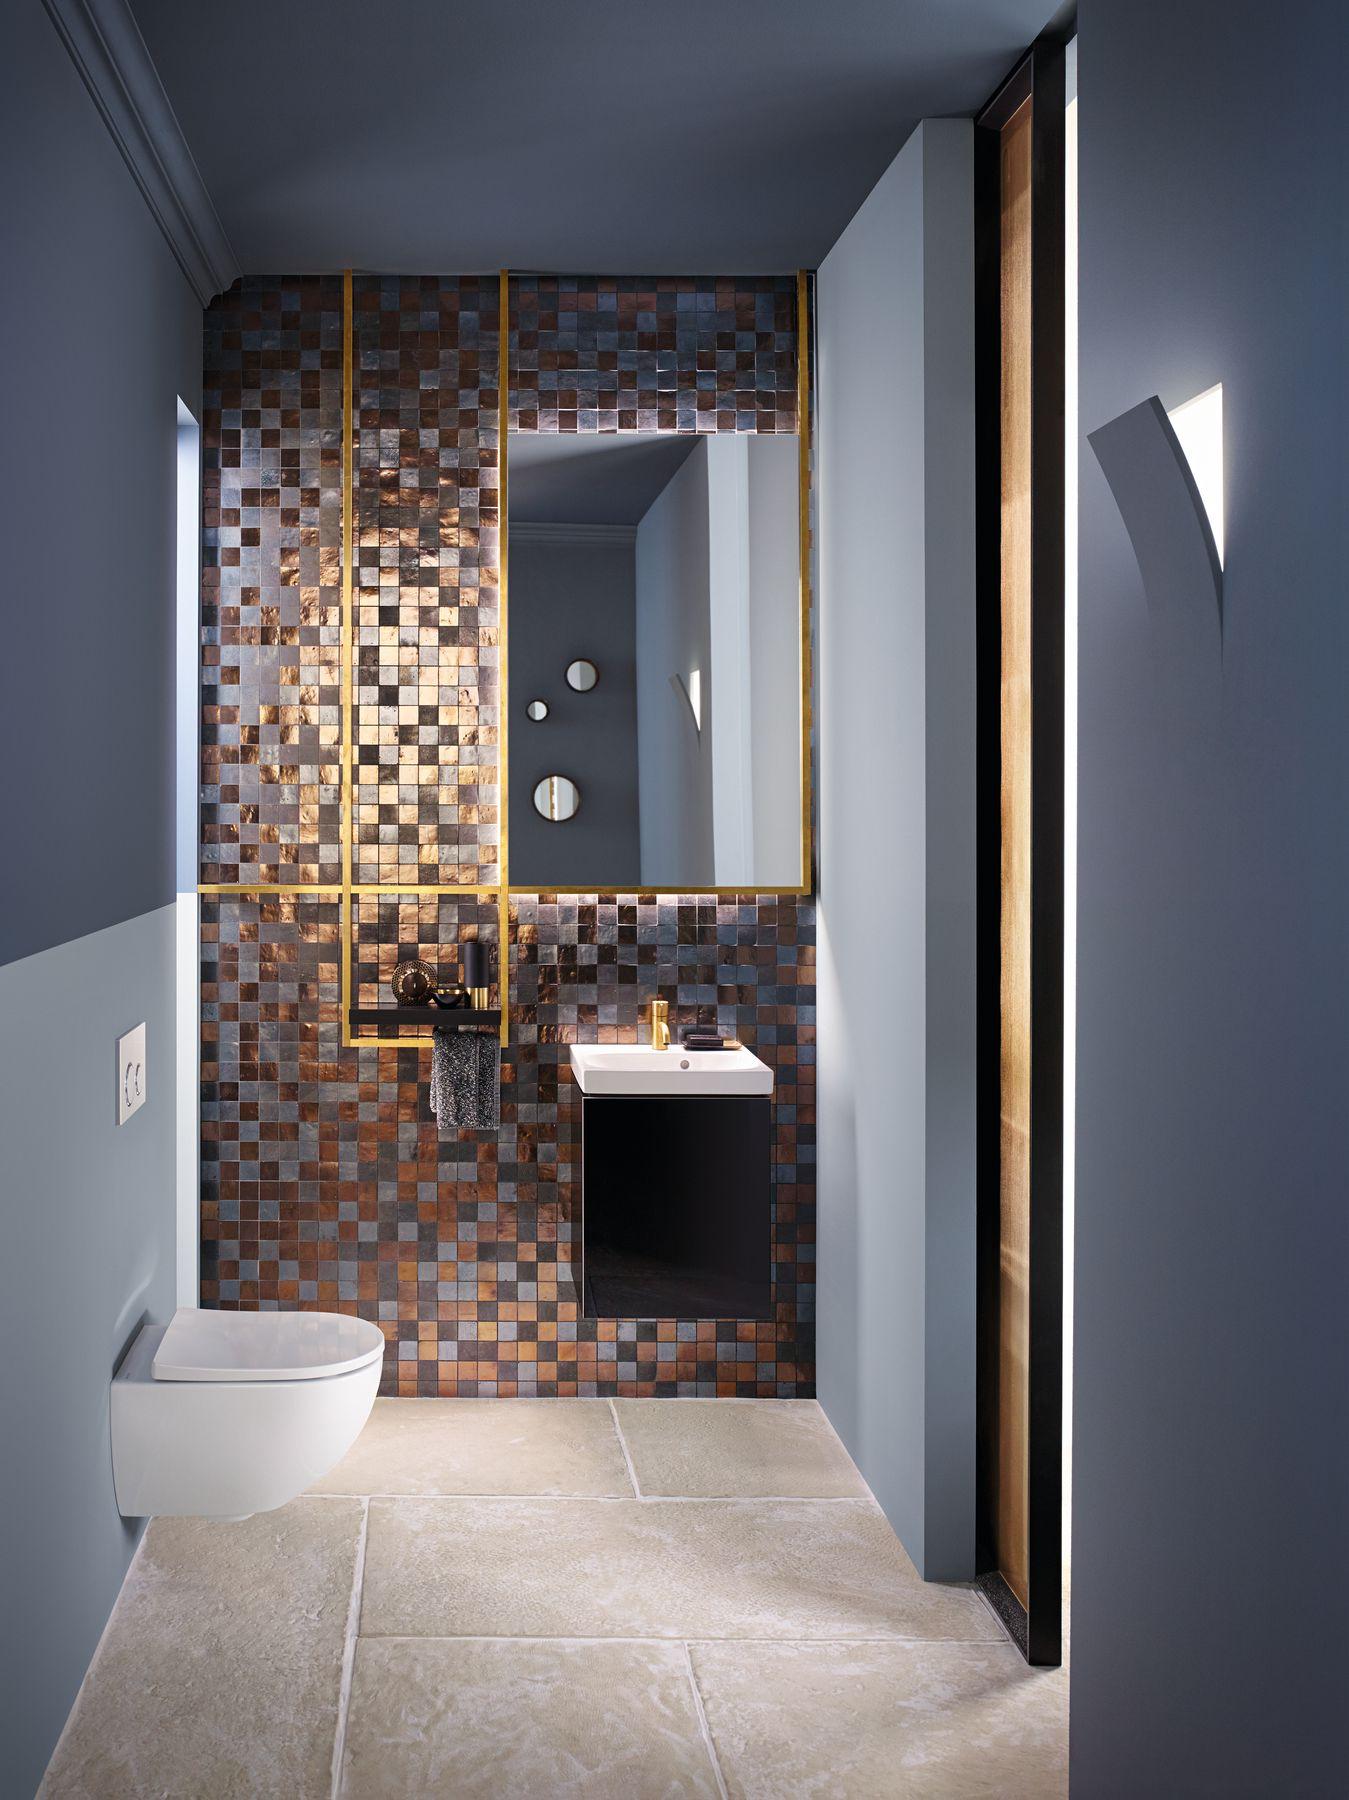 Toiletruimte met toilet en badkameubel van Sphinx #sphinx #toilet #interieur # badkamermeubel #acanto